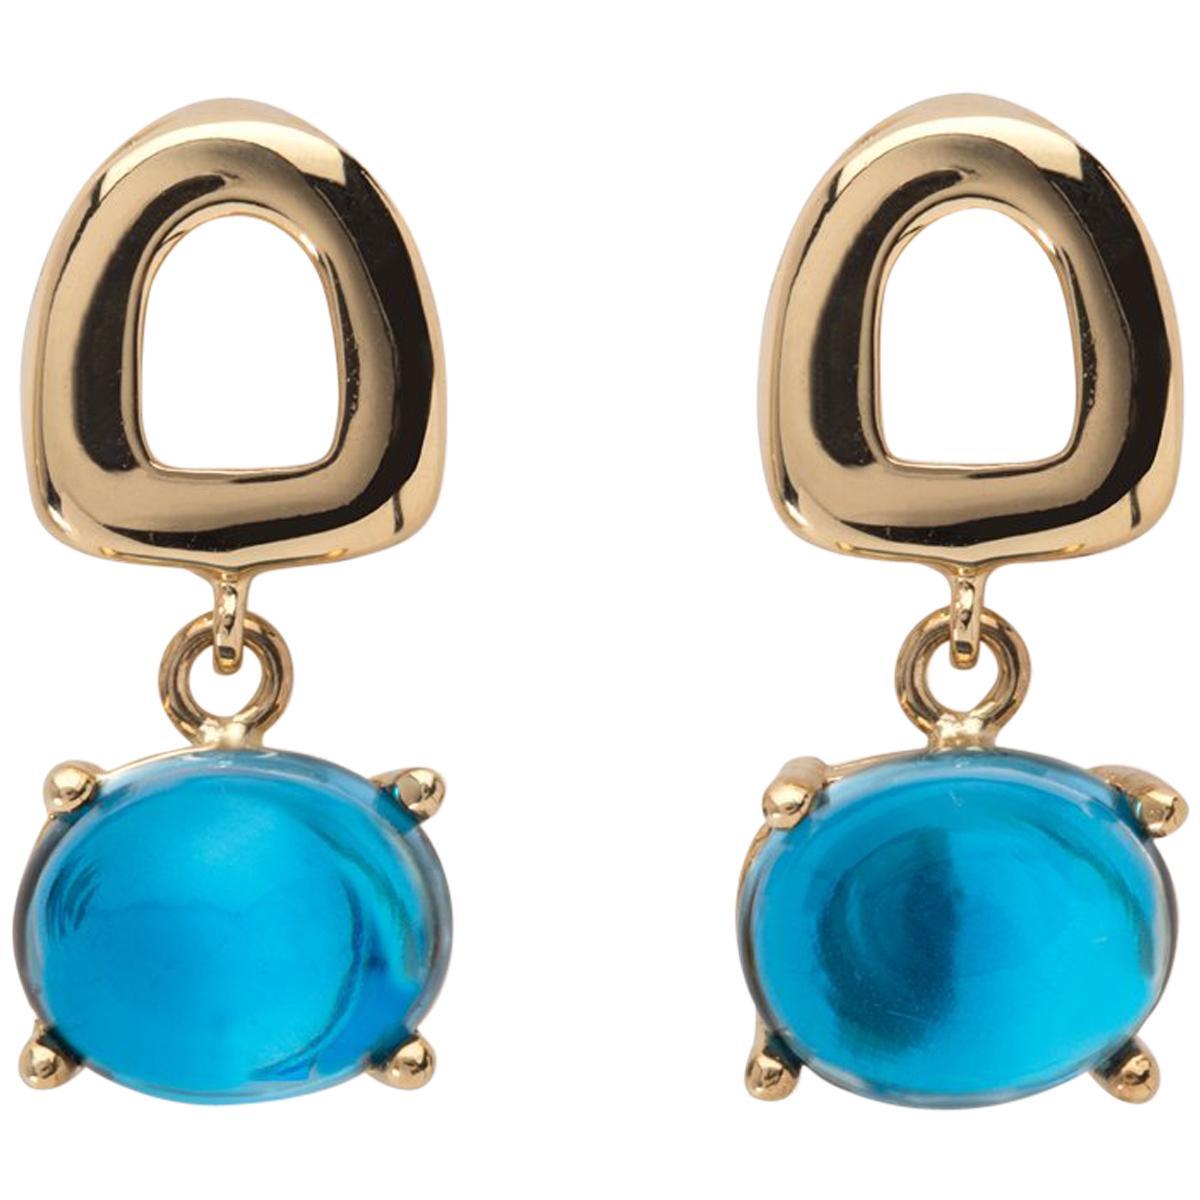 Maviada's St Tropez Mini London Blue Topaz 18 Karat Gold Drop Dangle Earrings